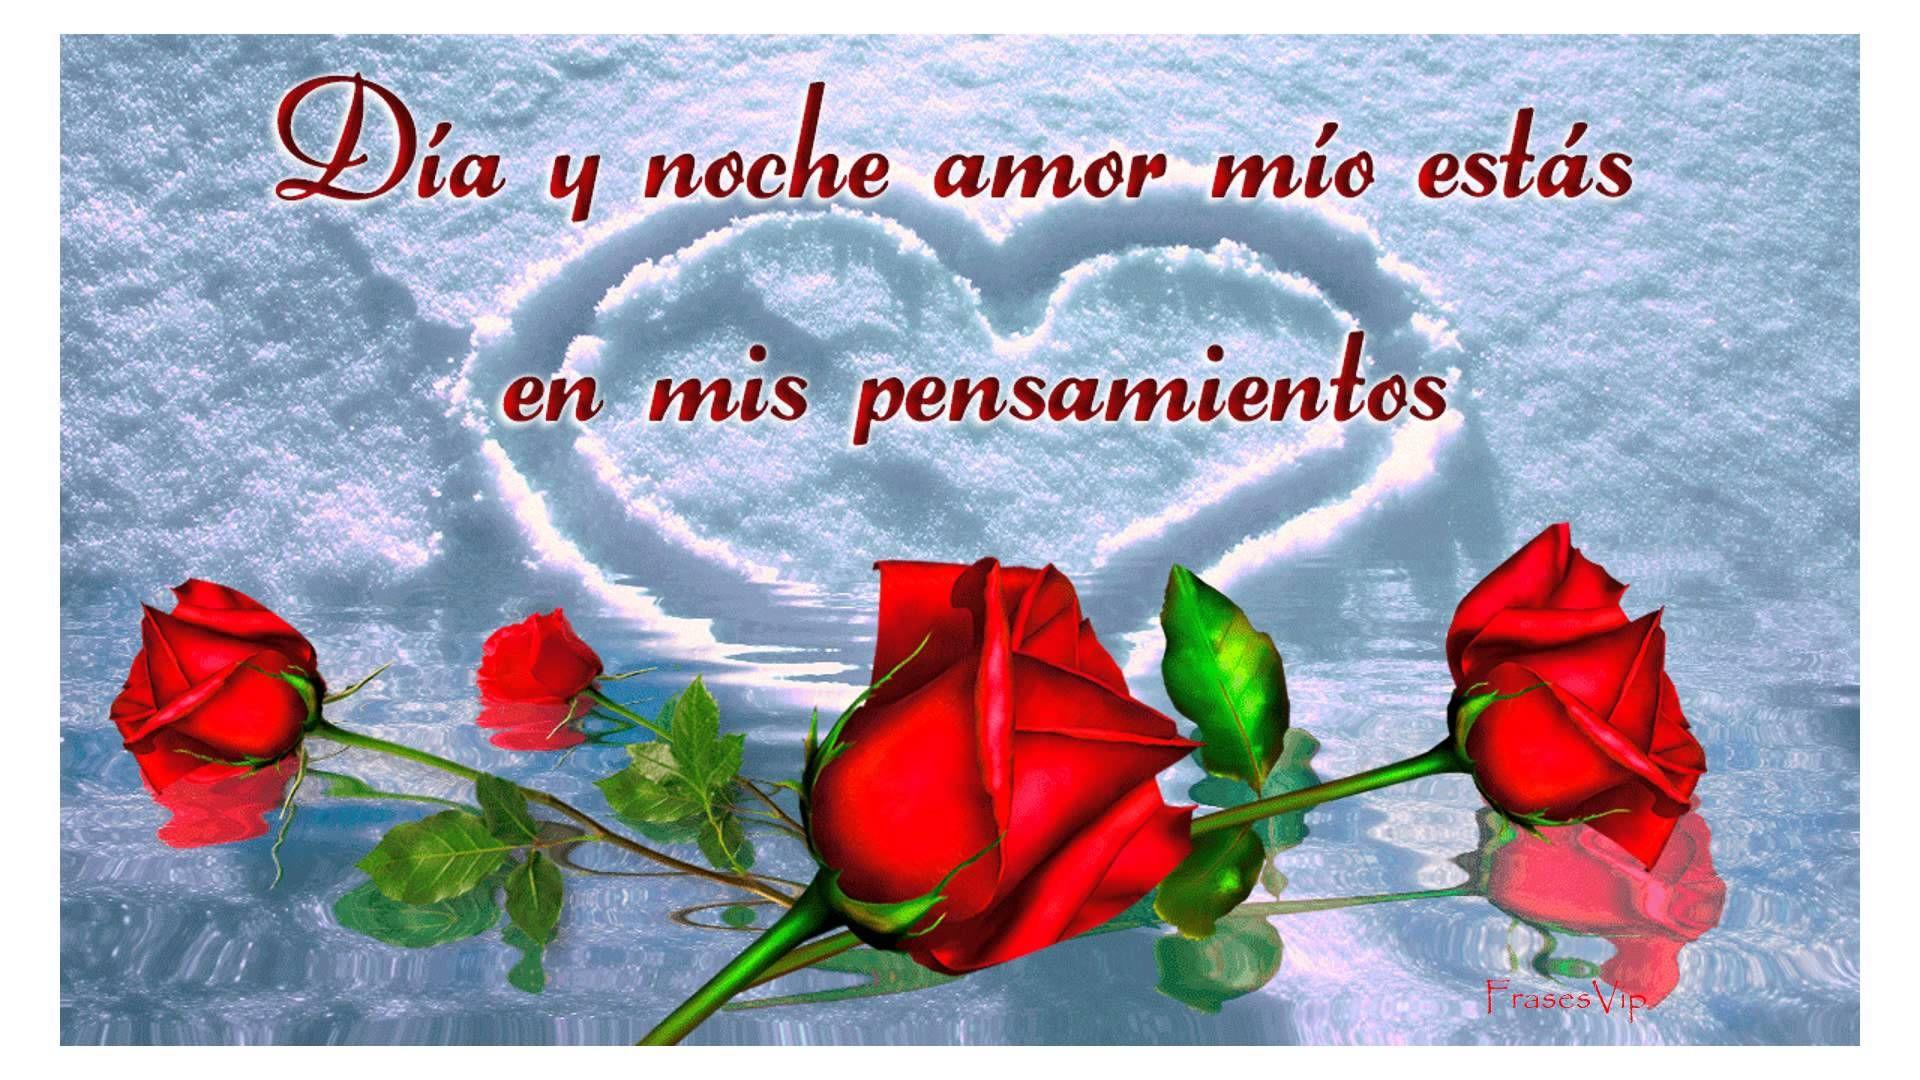 Frases Romanticas: Frases Romanticas De Amor Con Imagenes Bonitas Para SAN